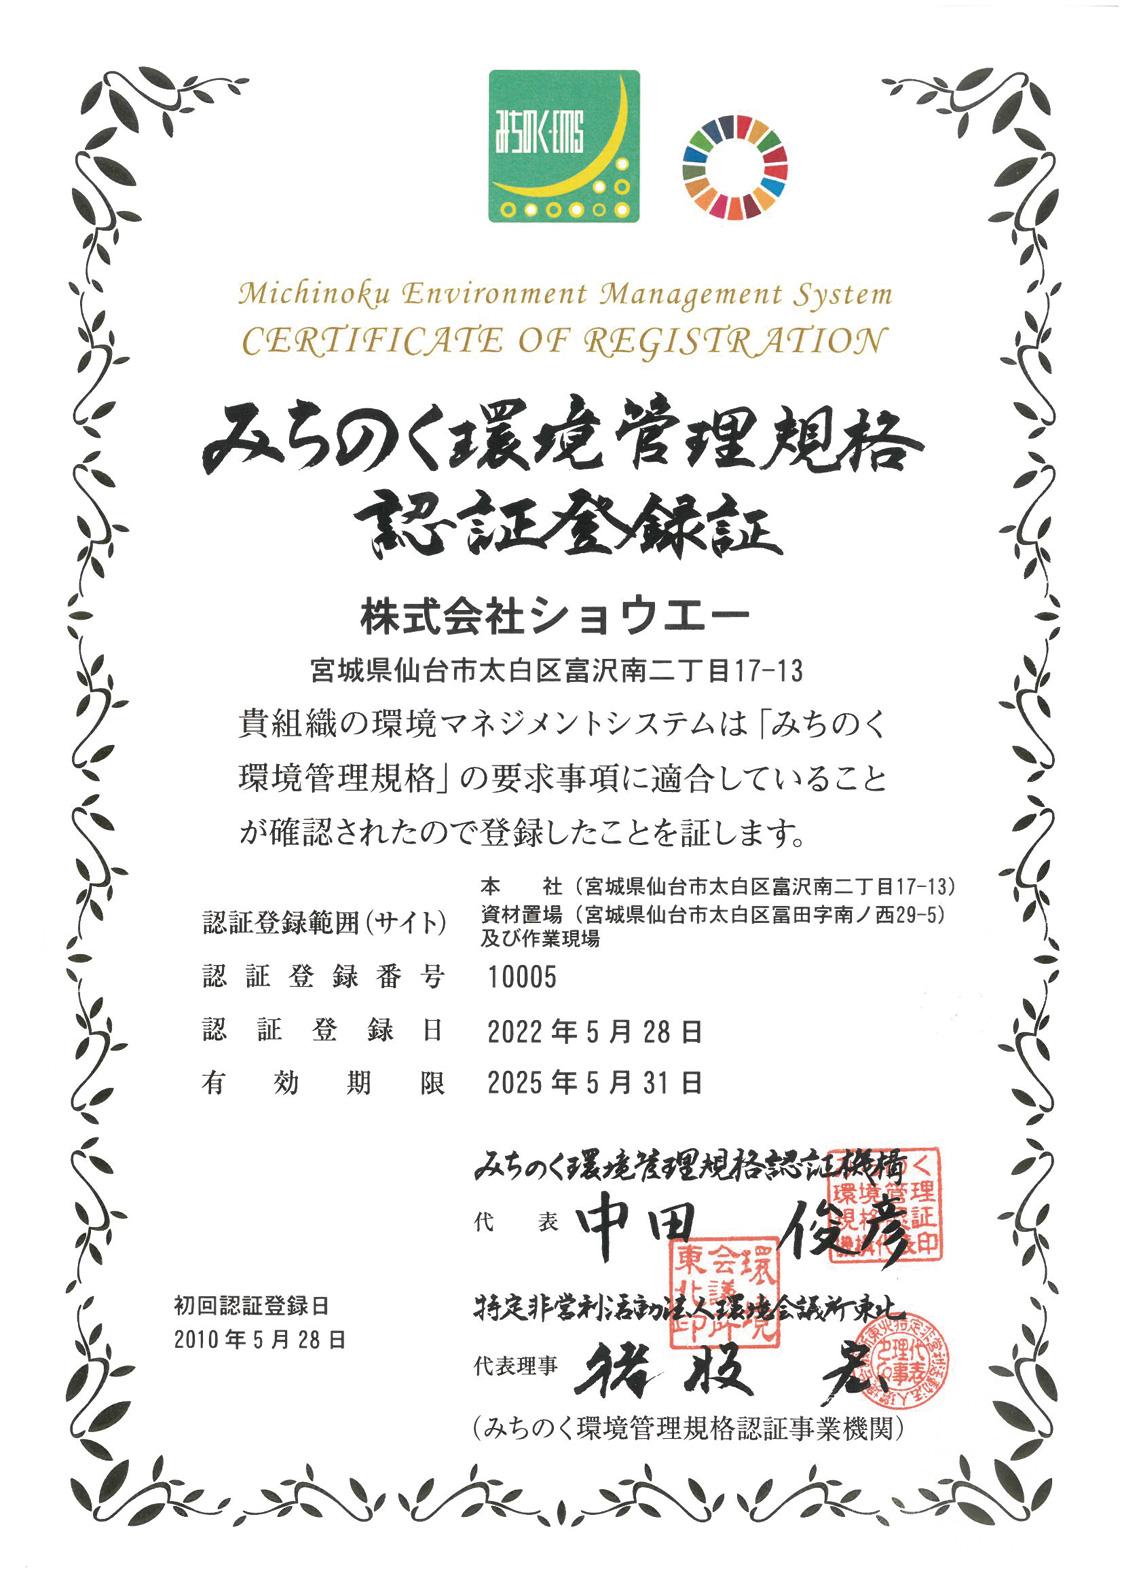 みちのく環境管理規格認定登録証